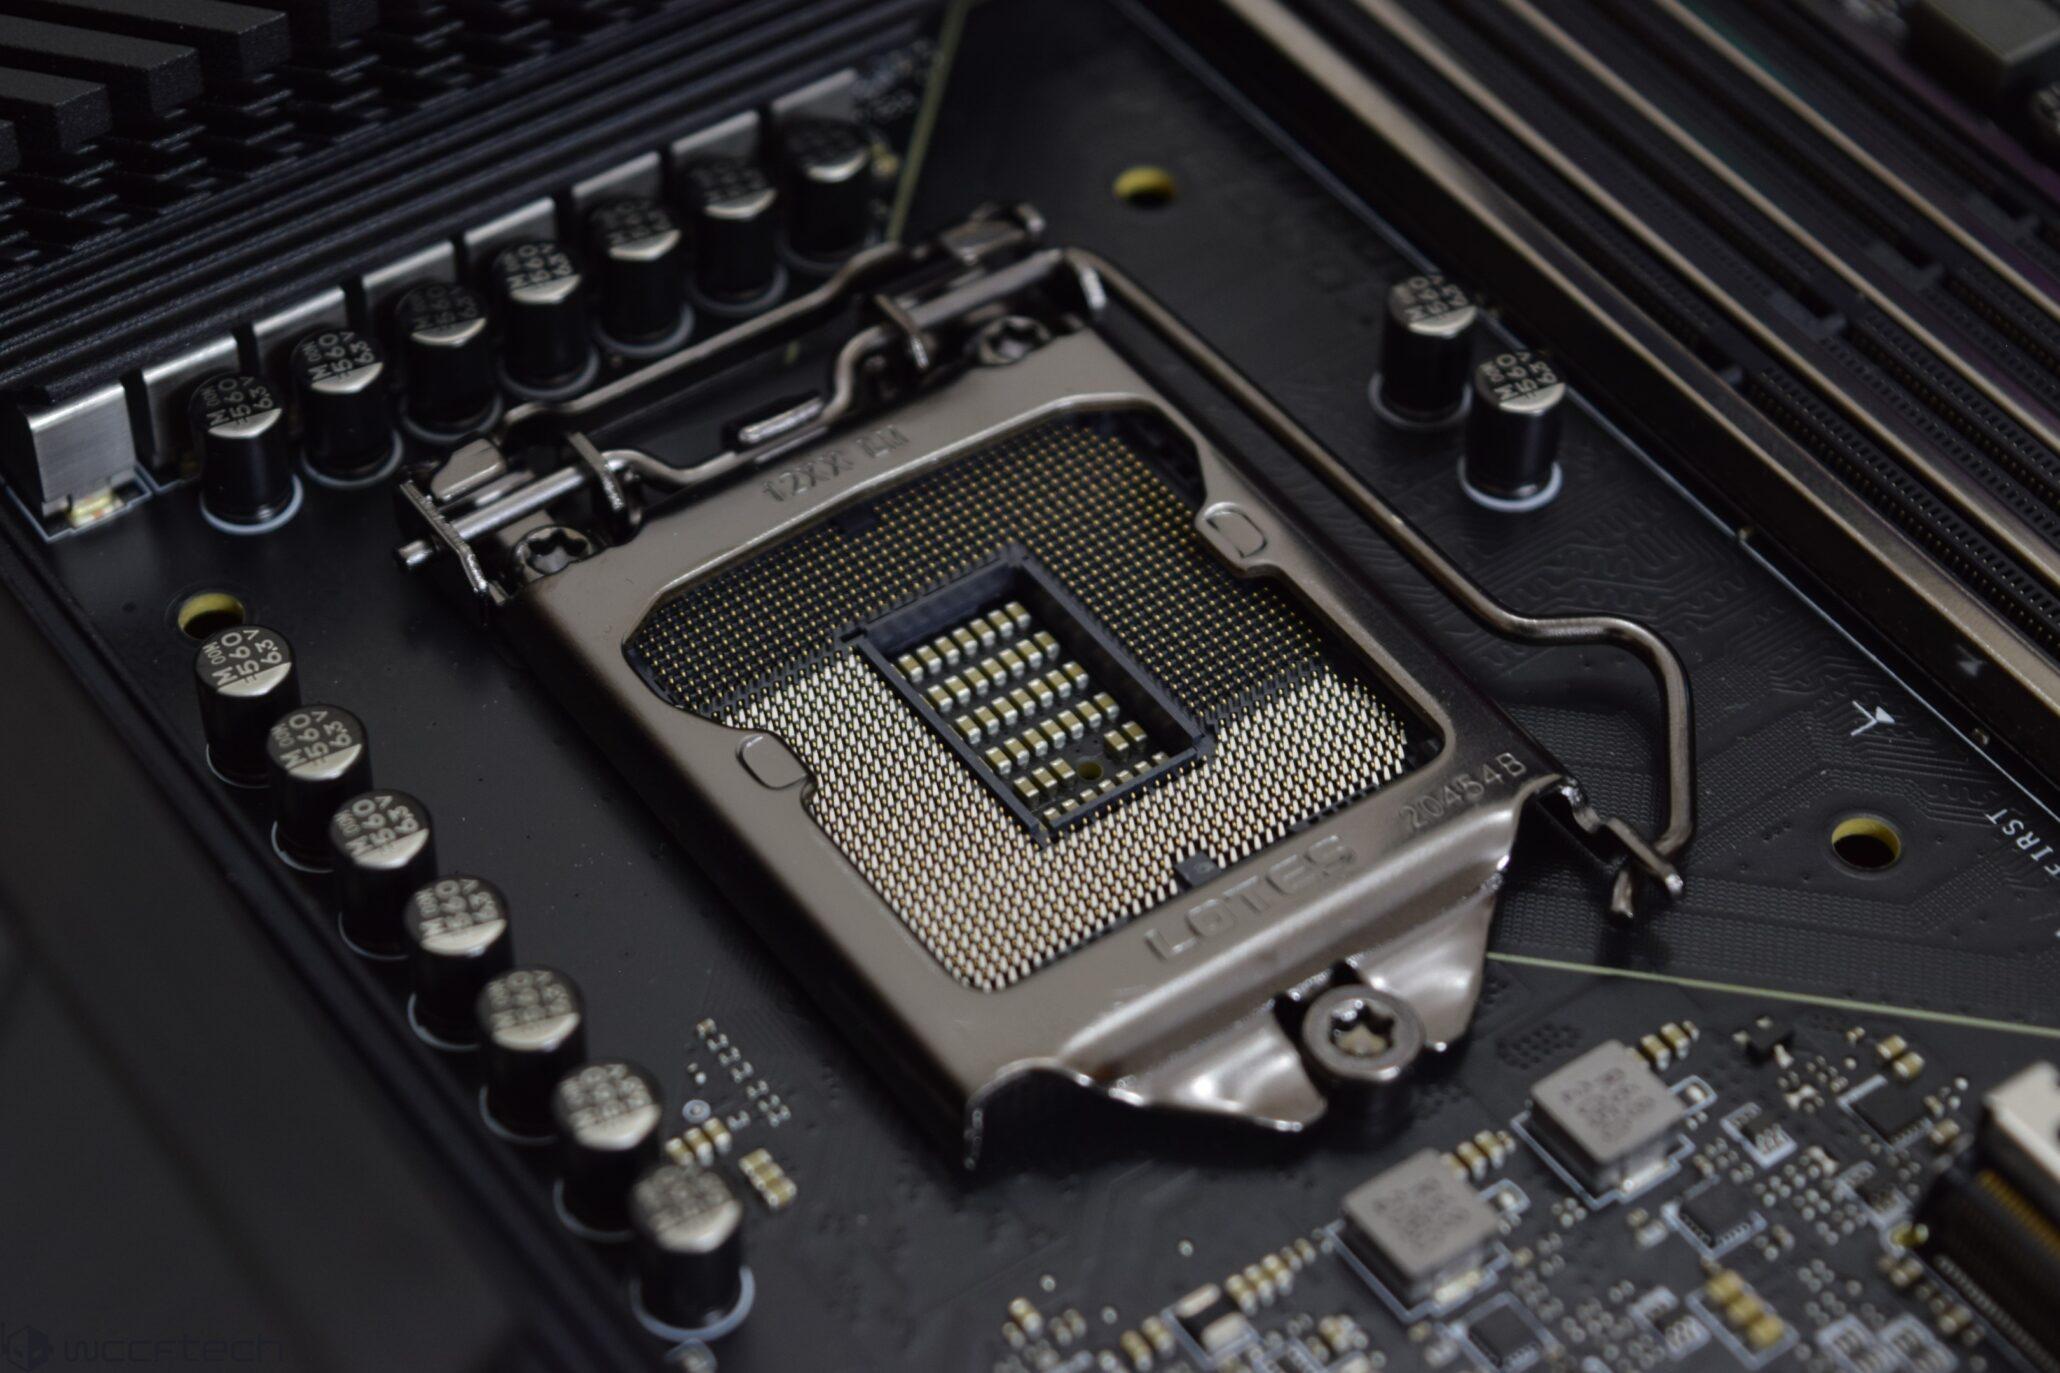 Motherboard Intel Z690 'Alder Lake' diperkirakan di Q4 2021, Z790 'Raptor Lake' Di Q3 2022, Motherboard AMD AM5 'Ryzen' Di Q2 2022